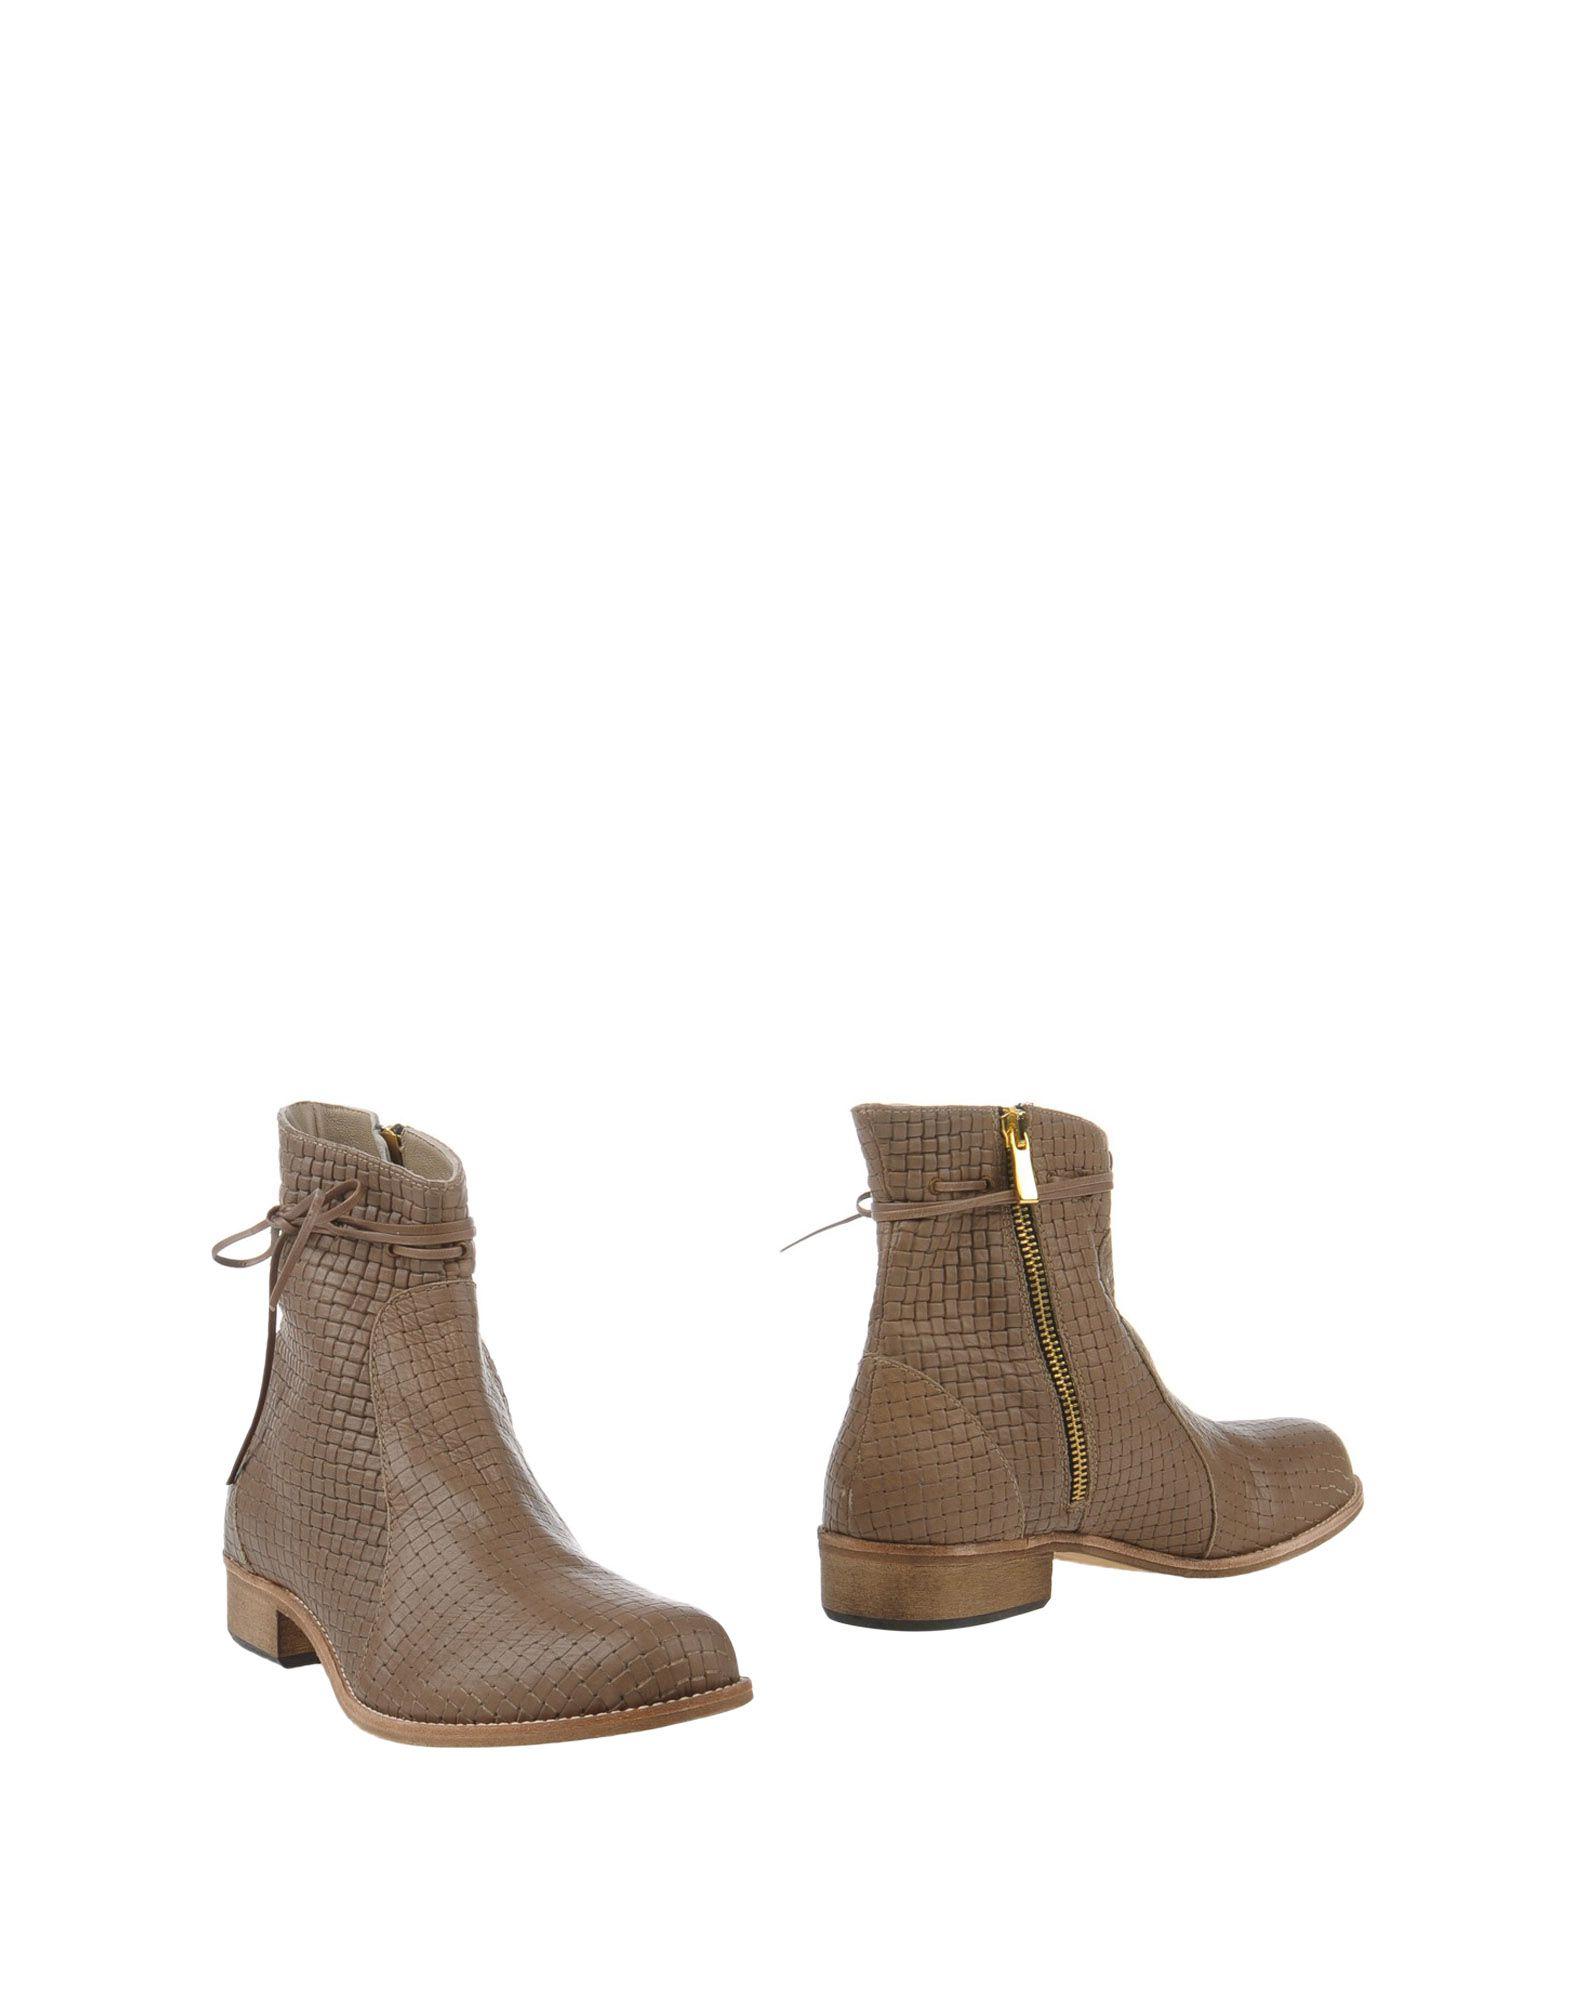 Katia G. Stiefelette Damen  11327255QA Gute Qualität beliebte Schuhe